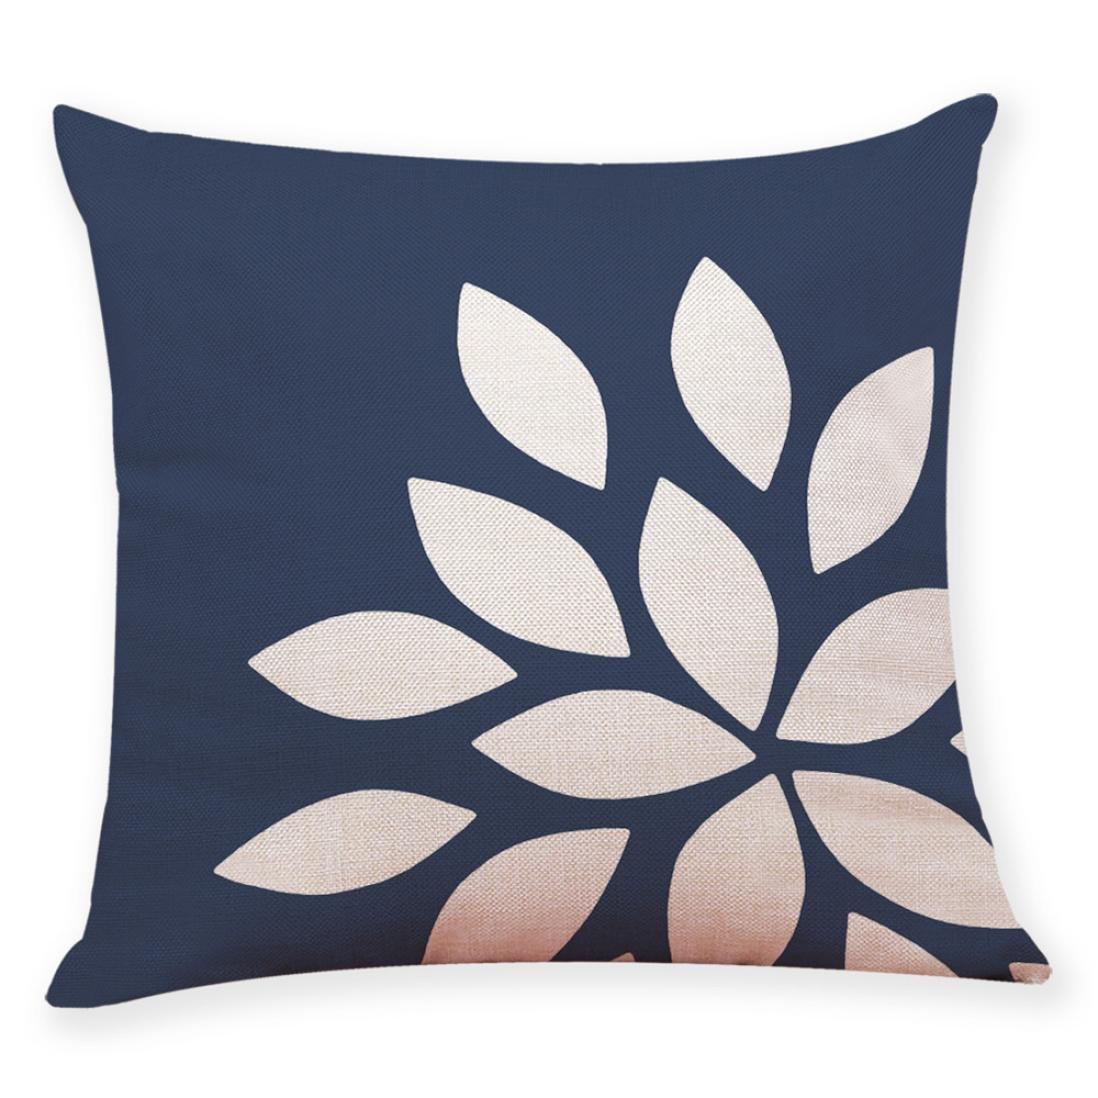 Wanshop 45 * 45CM Cotton Linen Cushion Cover Home Decor, Cushion Cover Dark Blue Style Throw Pillowcase Pillow Covers For Car (A)